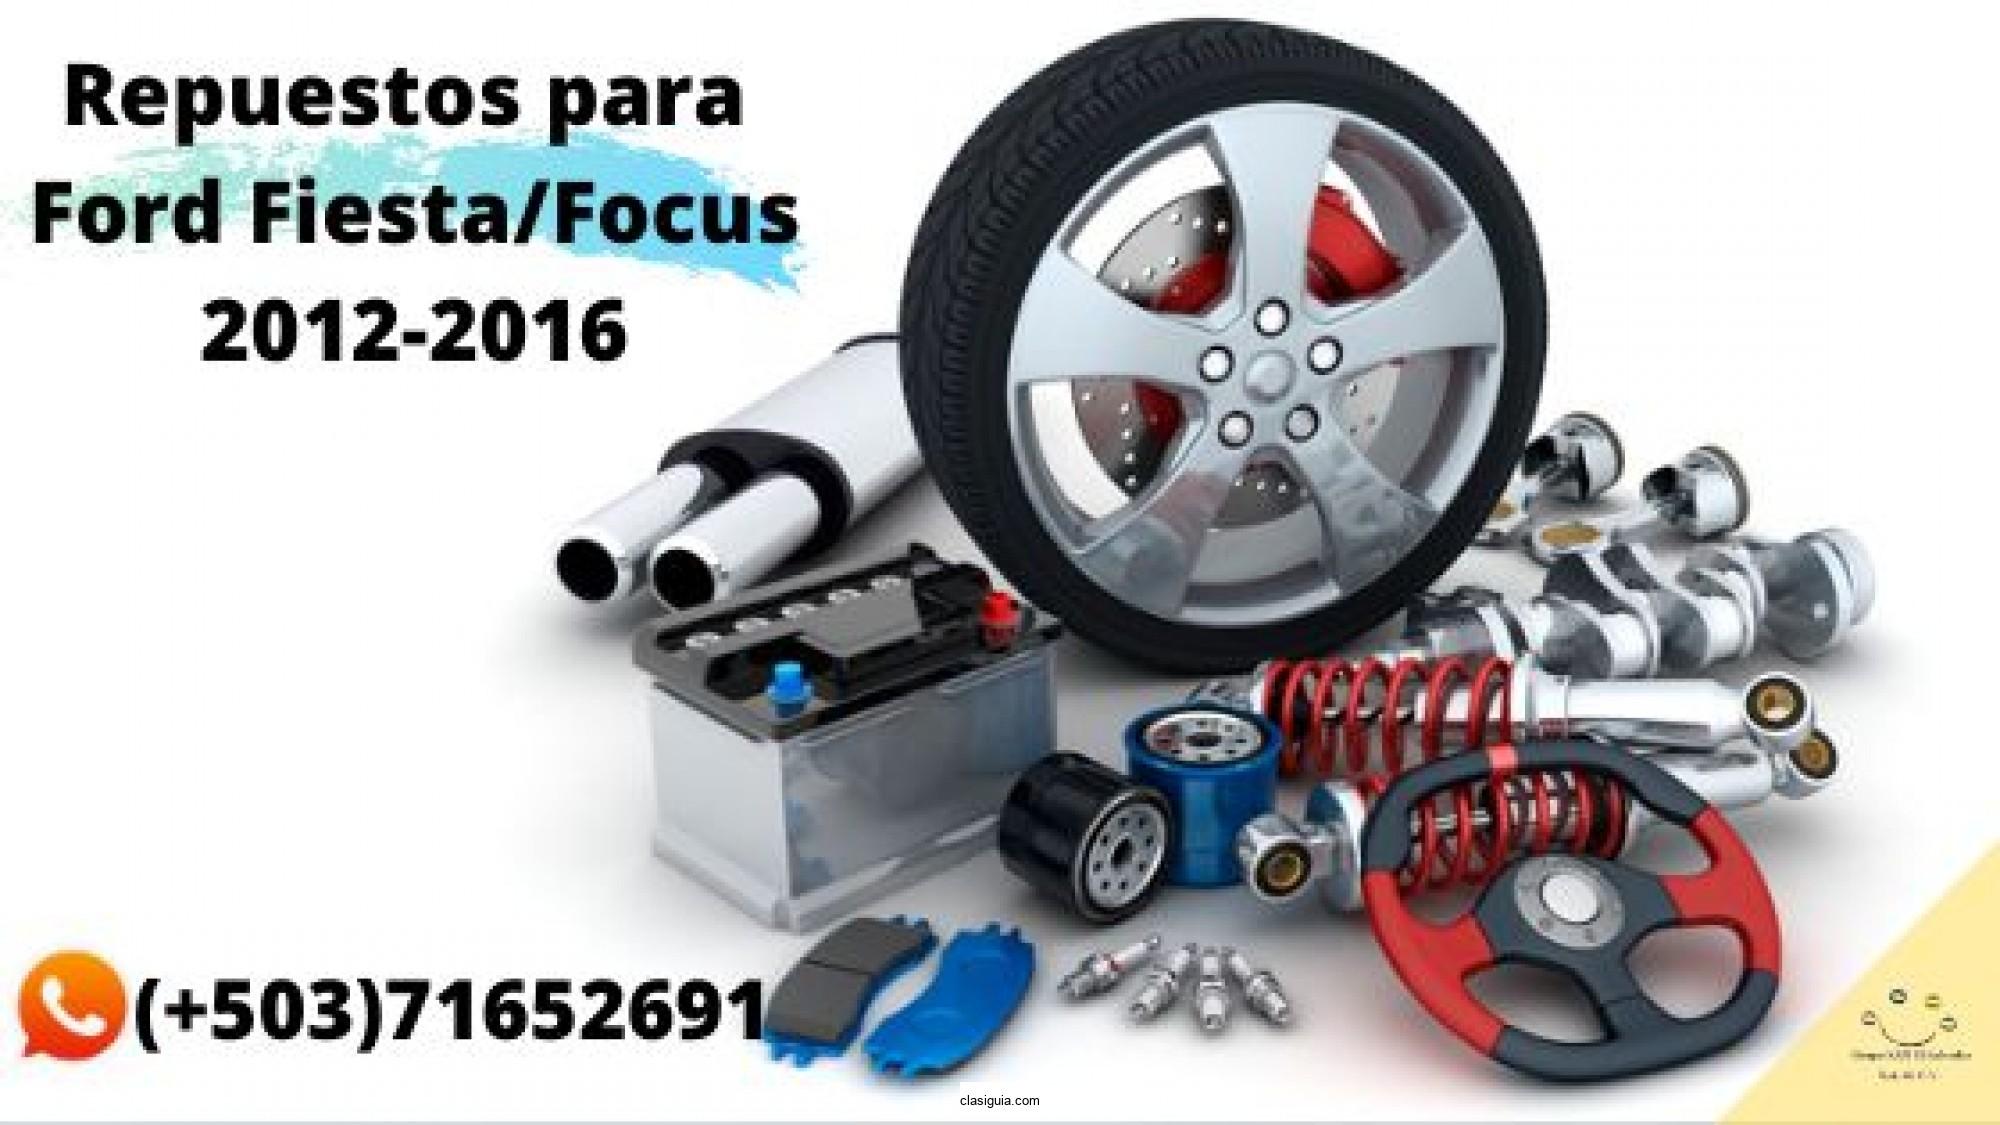 Repuestos para Ford Fiesta y Ford Focus 2012-2016.